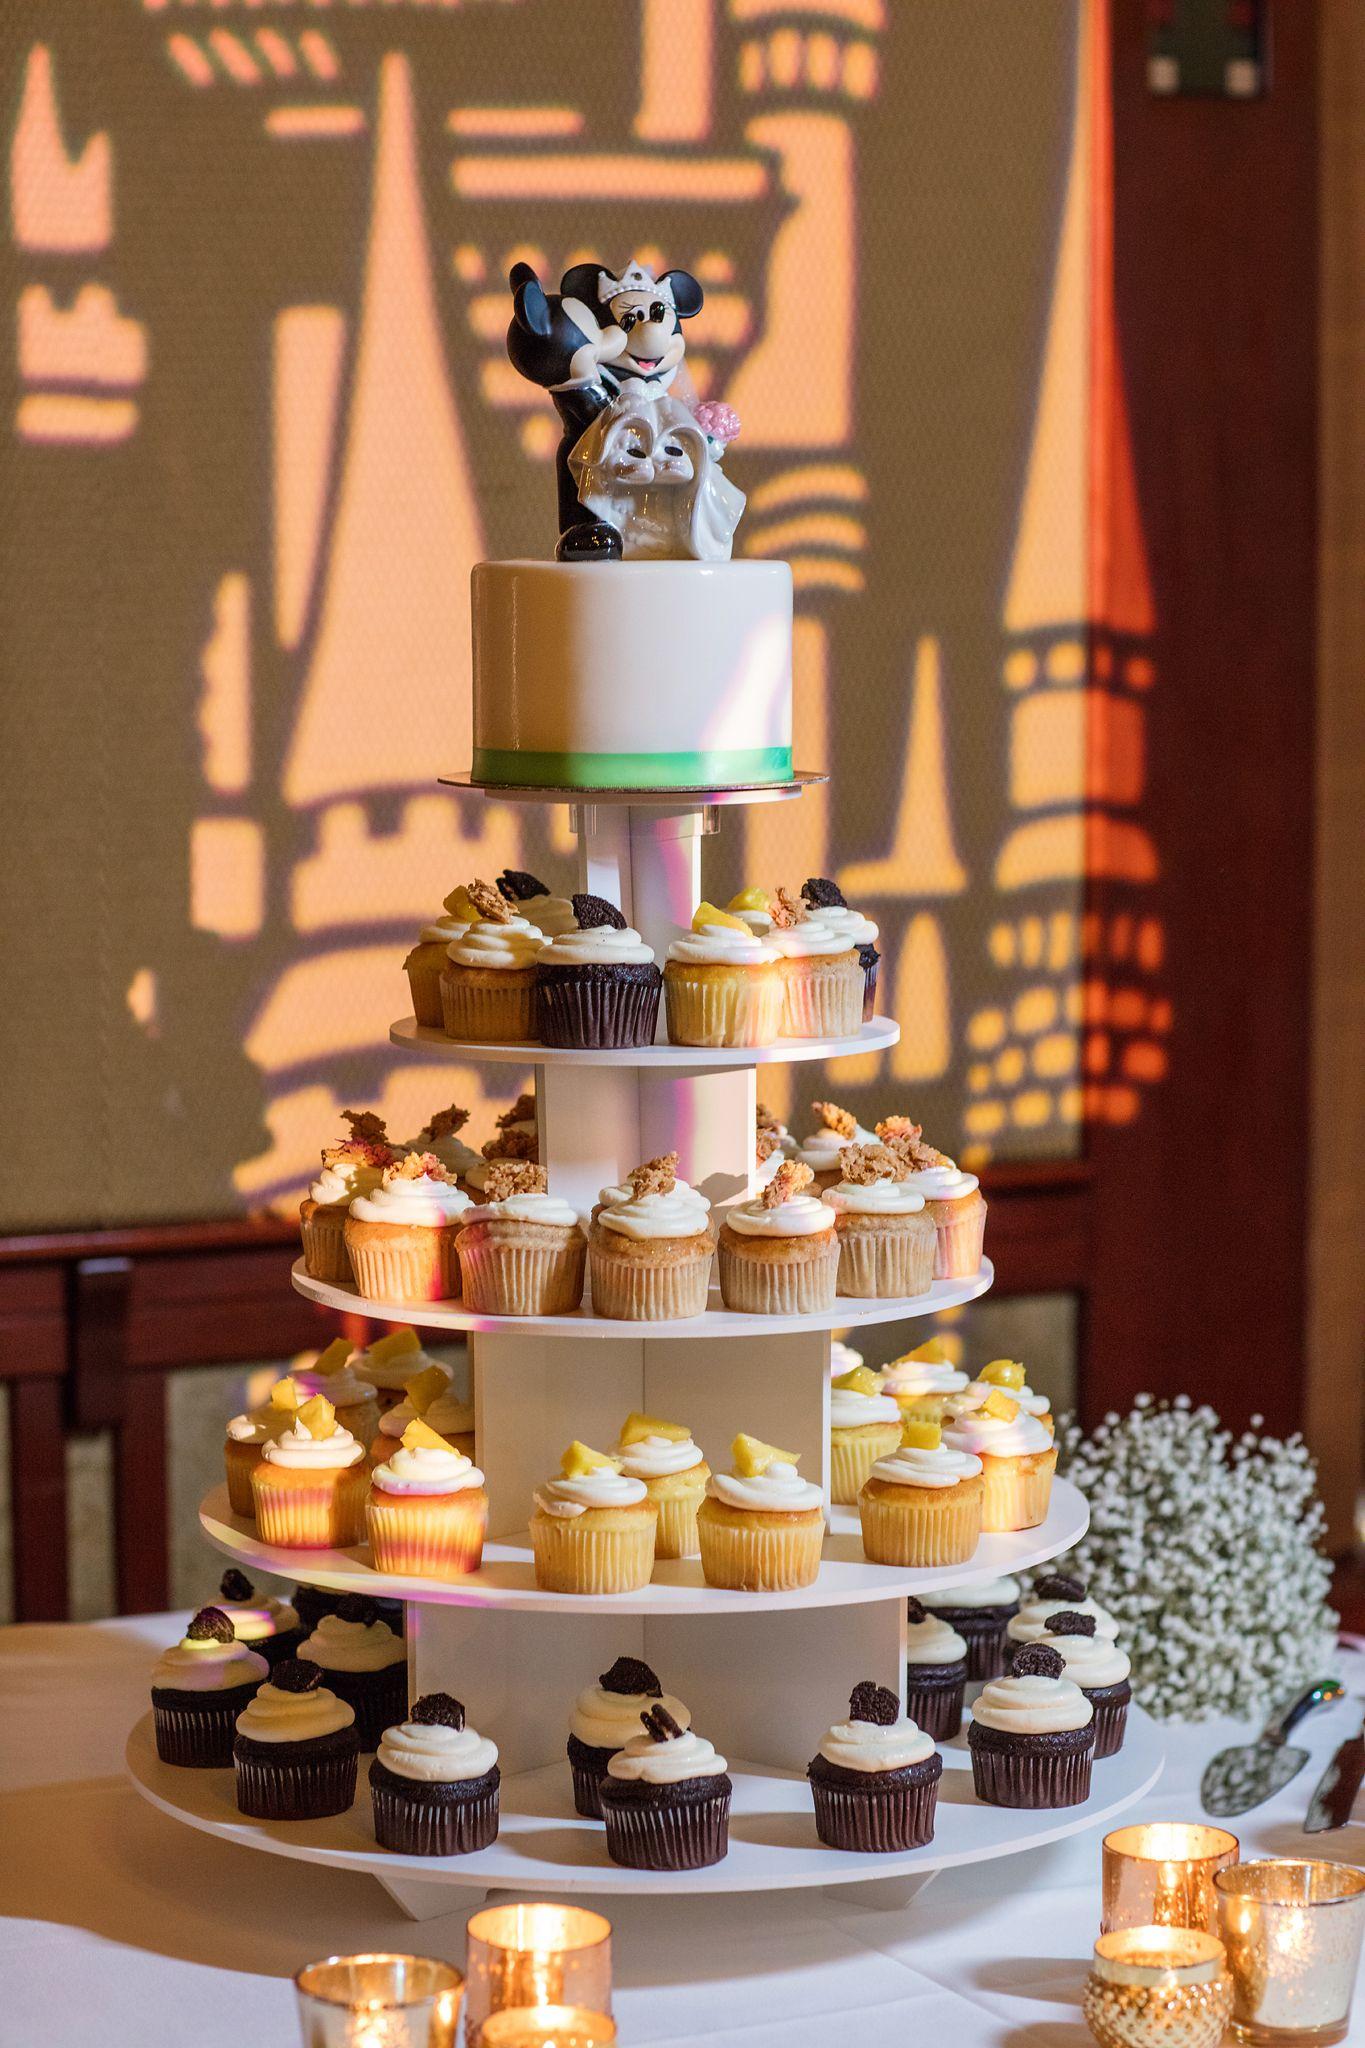 Towering Cupcakes At This Disneyland Wedding